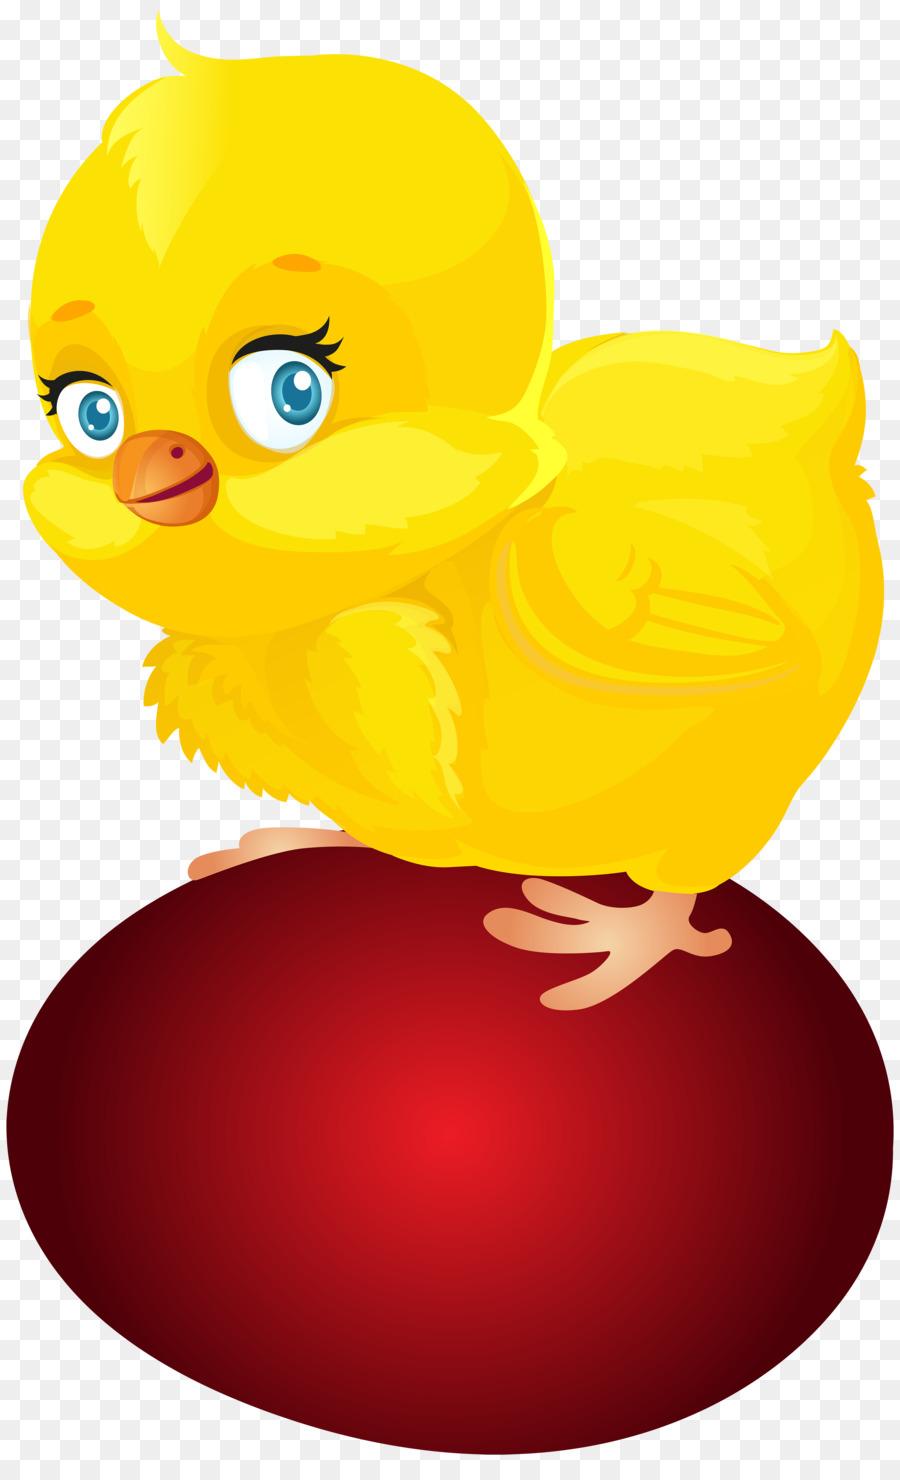 Картинка цыпленок на прозрачном фоне для детей